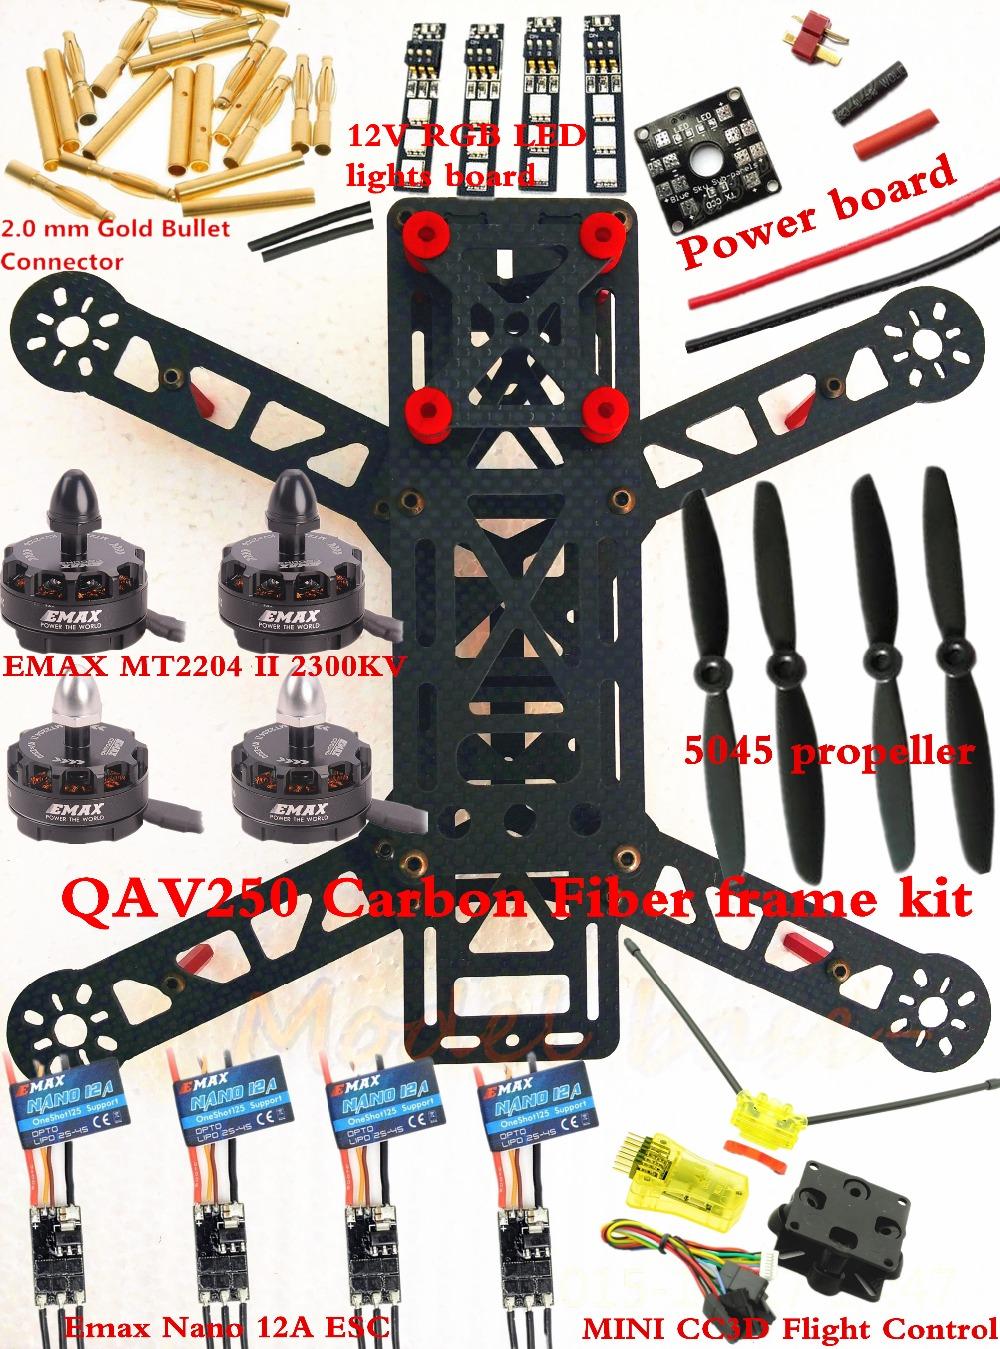 NEW Mini QAV250 Carbon Quadcopter frame kit EMAX MT2204 II 2300KV Cooling Motor+ Emax Nano 12A ESC +MINI CC3D Flight Control<br><br>Aliexpress